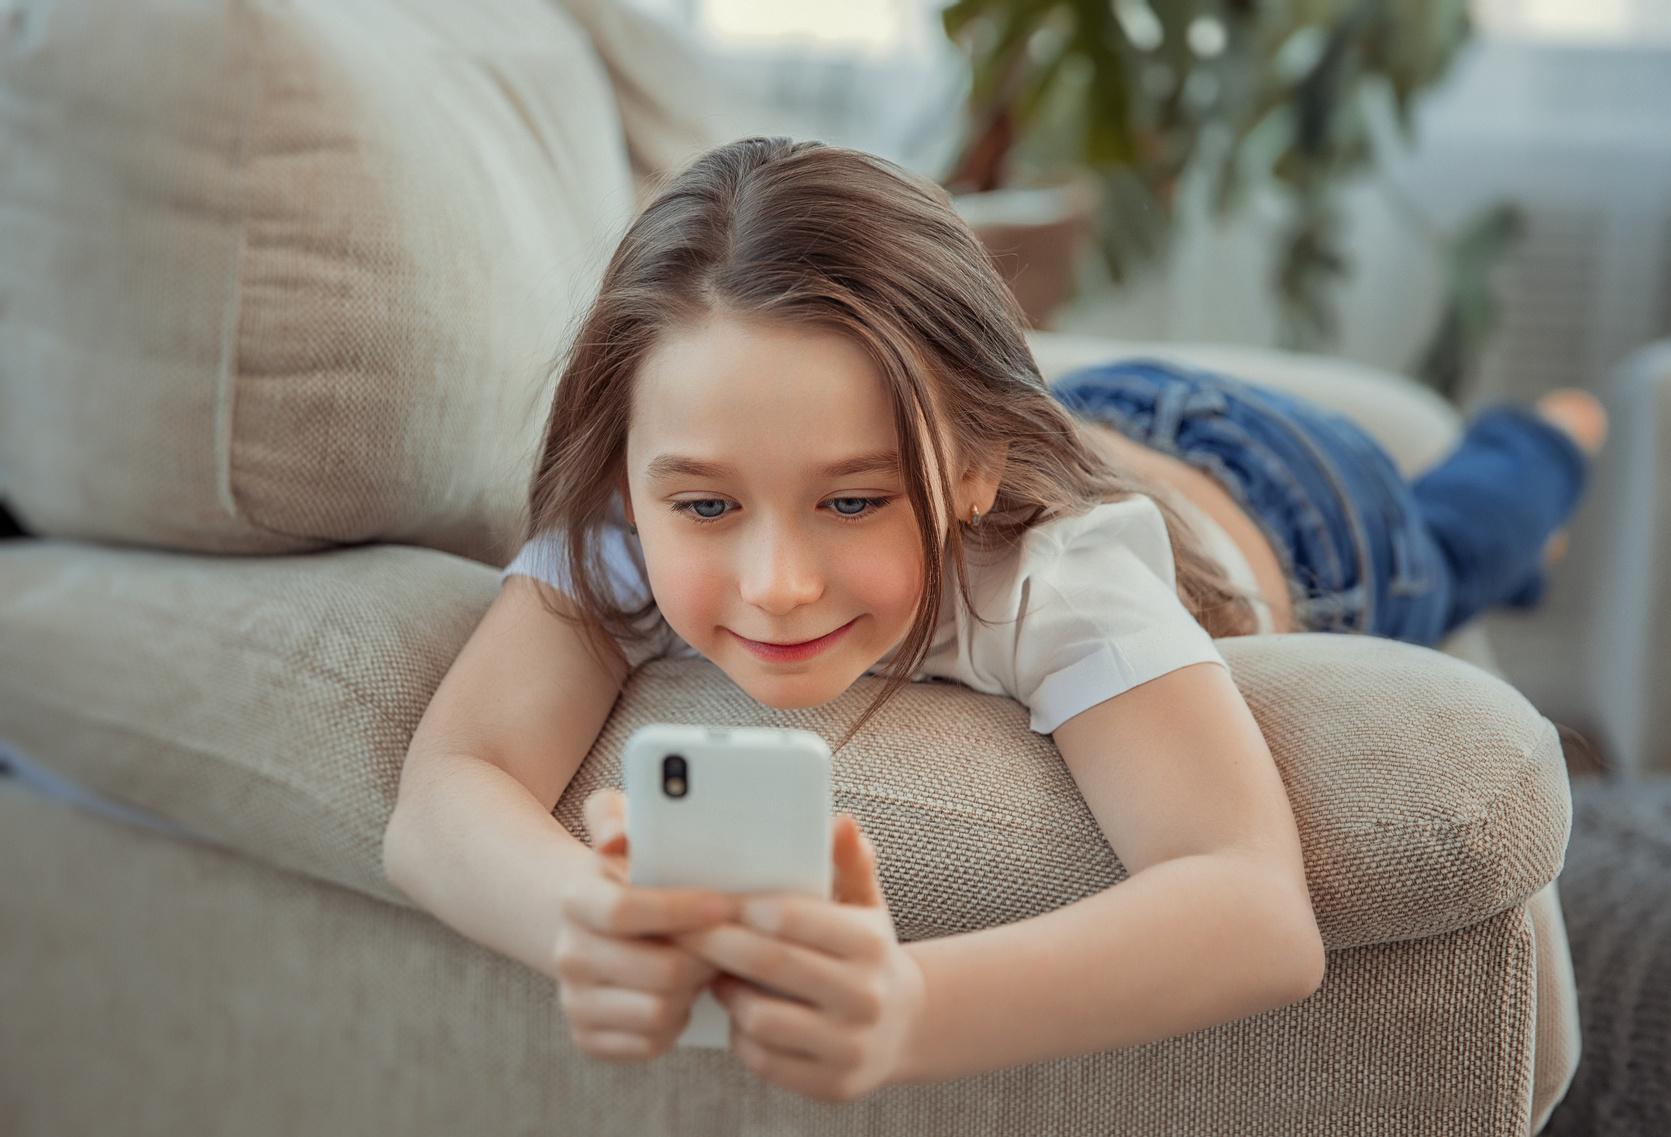 dziecko, telefon, smartfon, pierwszy telefon, telefon dla dziecka,zakupy, wymiana walut, Ekantor.pl